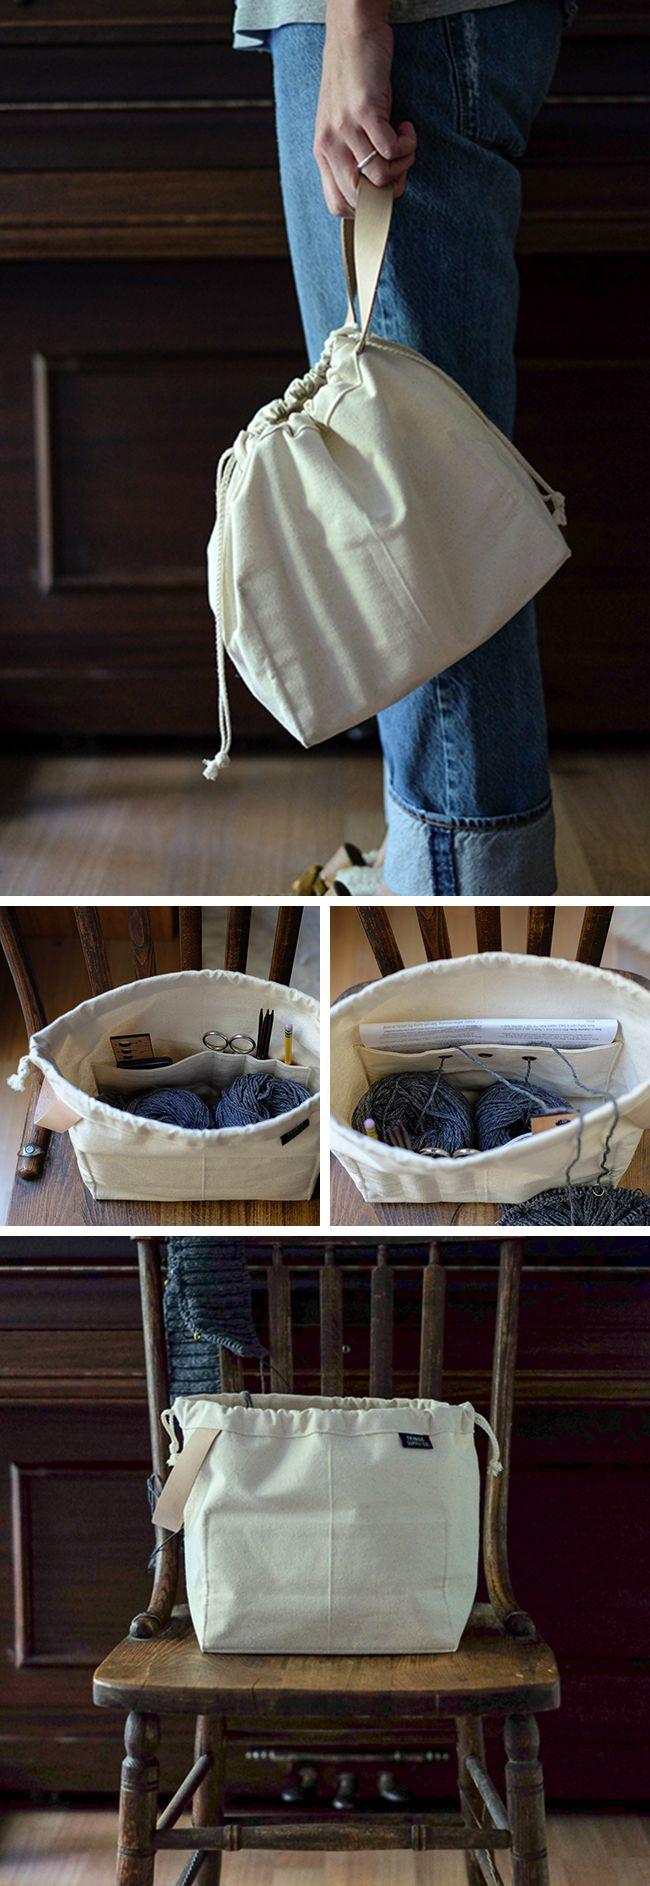 Stricktasche | Nähen stricktasche | Pinterest | Stricktaschen, Nähen ...